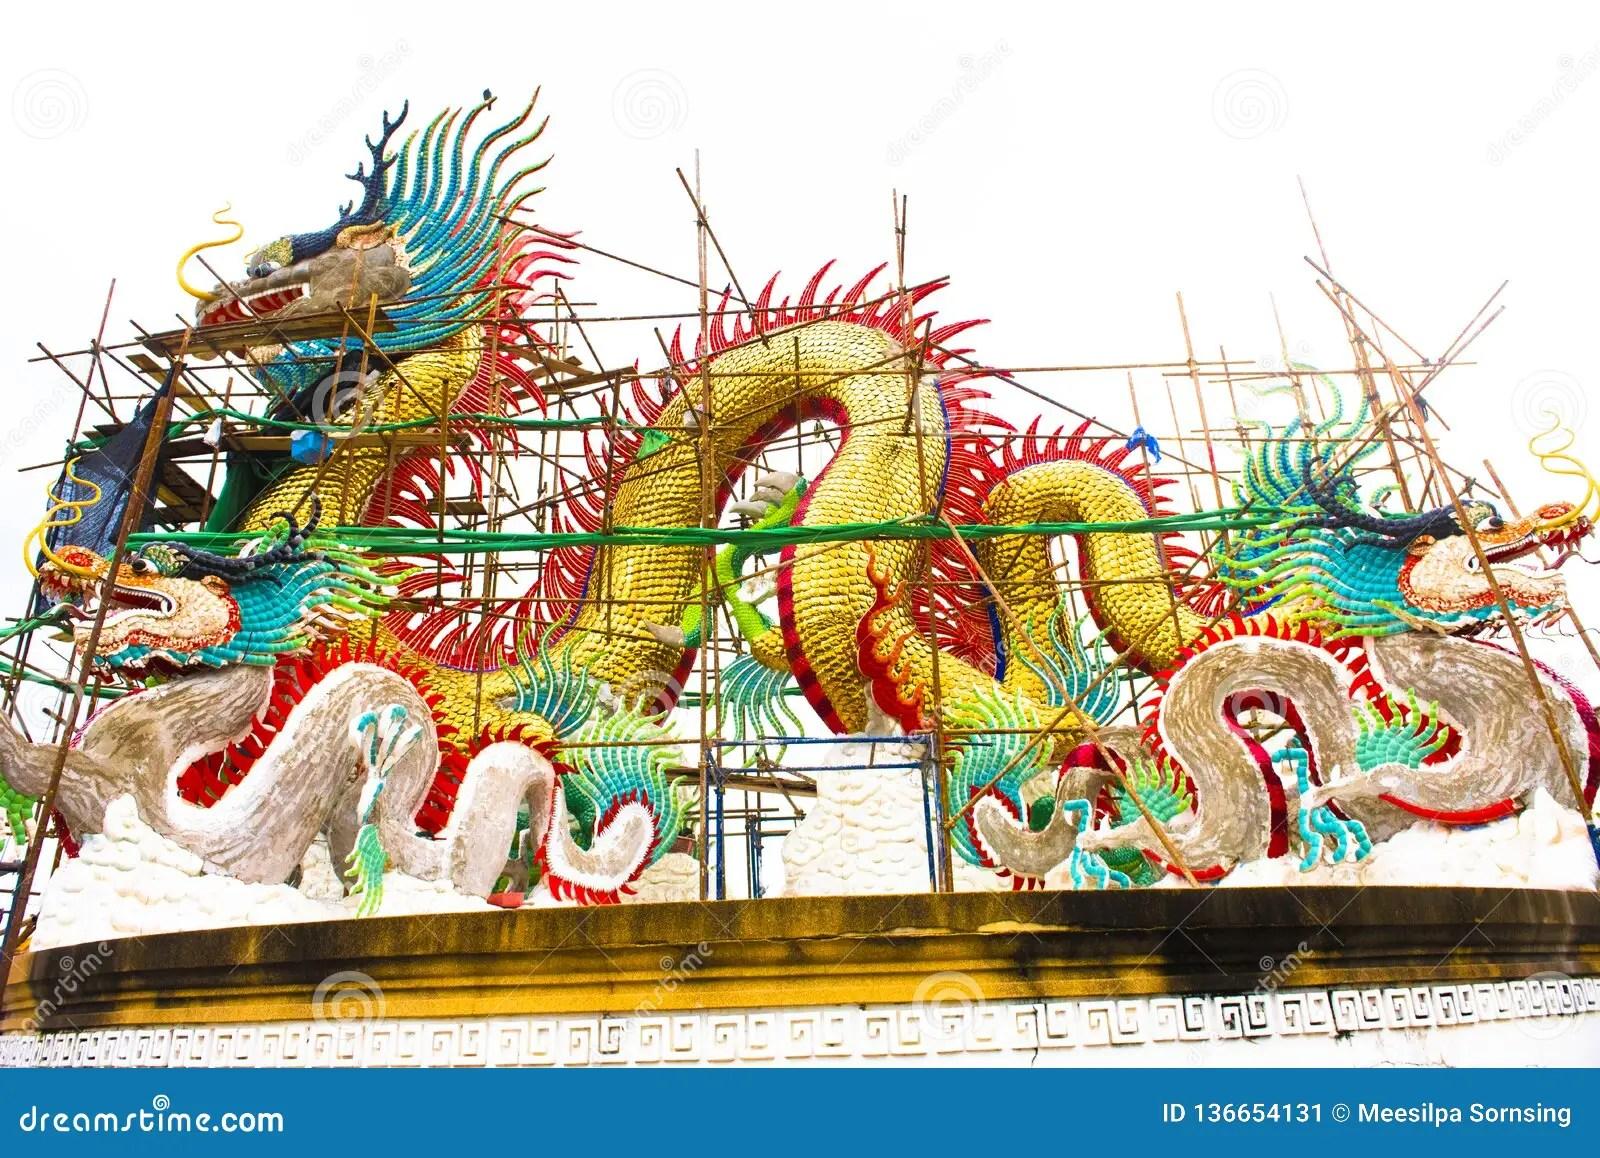 Nakhon Sawan Festival Lamp Hanging Lamp King Lght Chinese